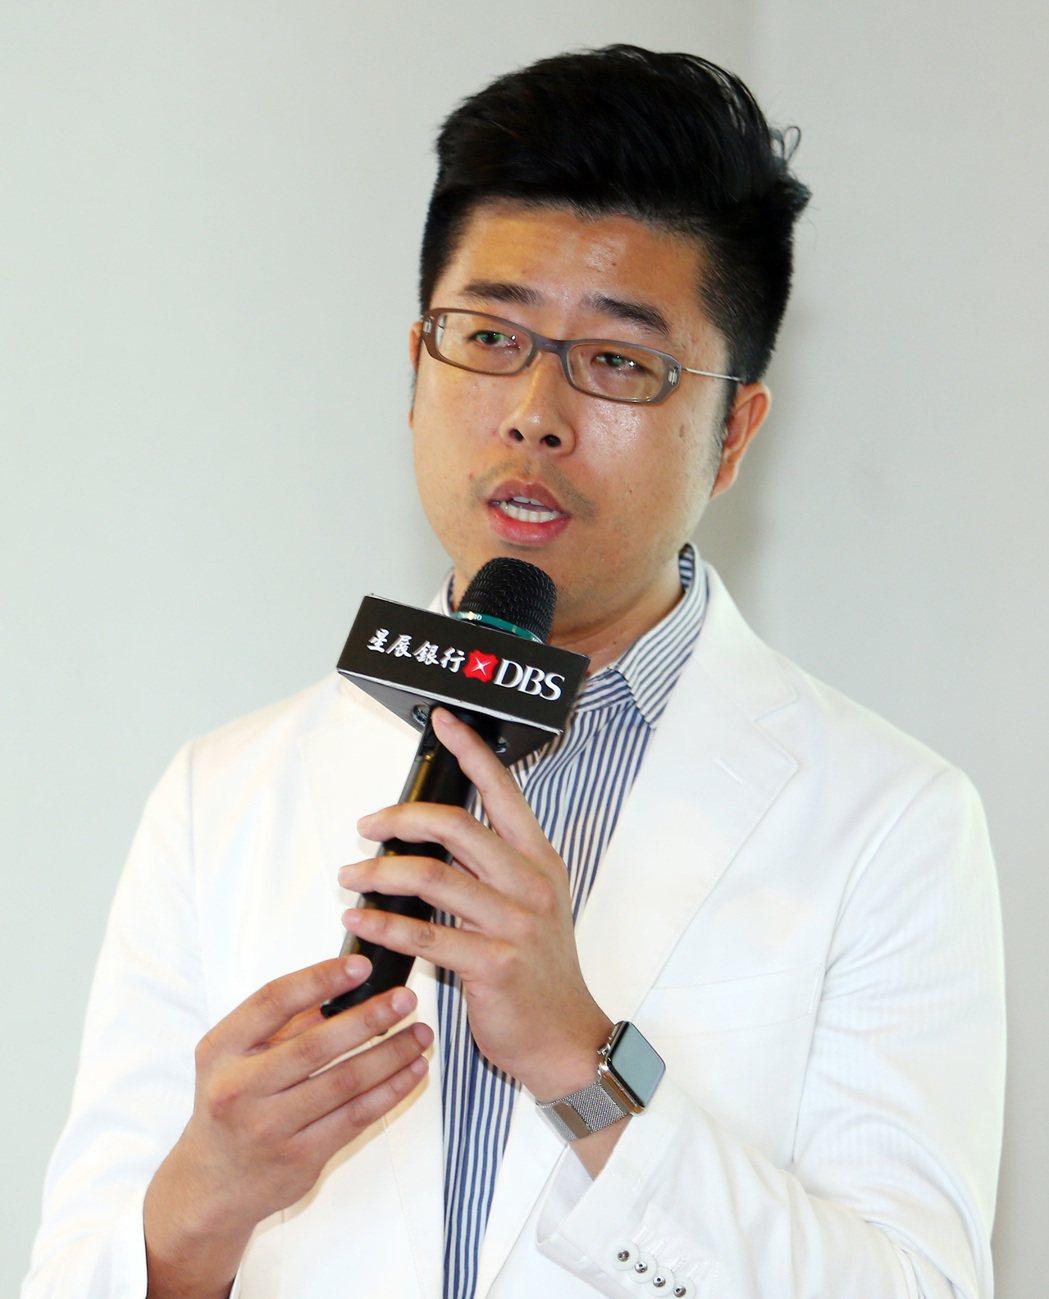 鮮乳坊創辦人龔建嘉說明他的理念。記者杜建重/攝影